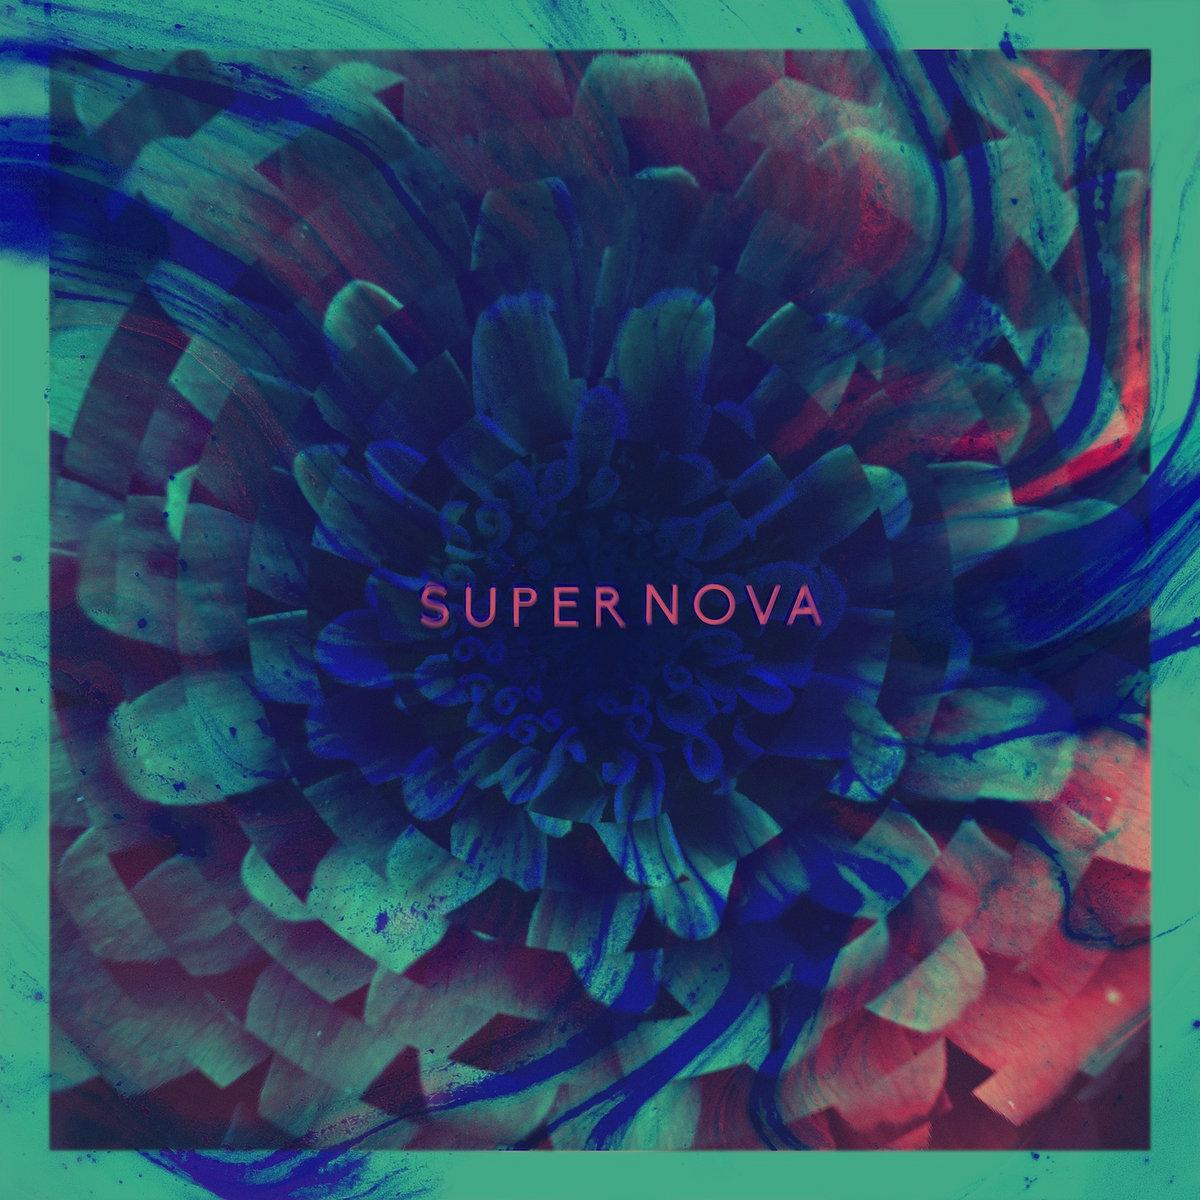 Supernova | Caravane